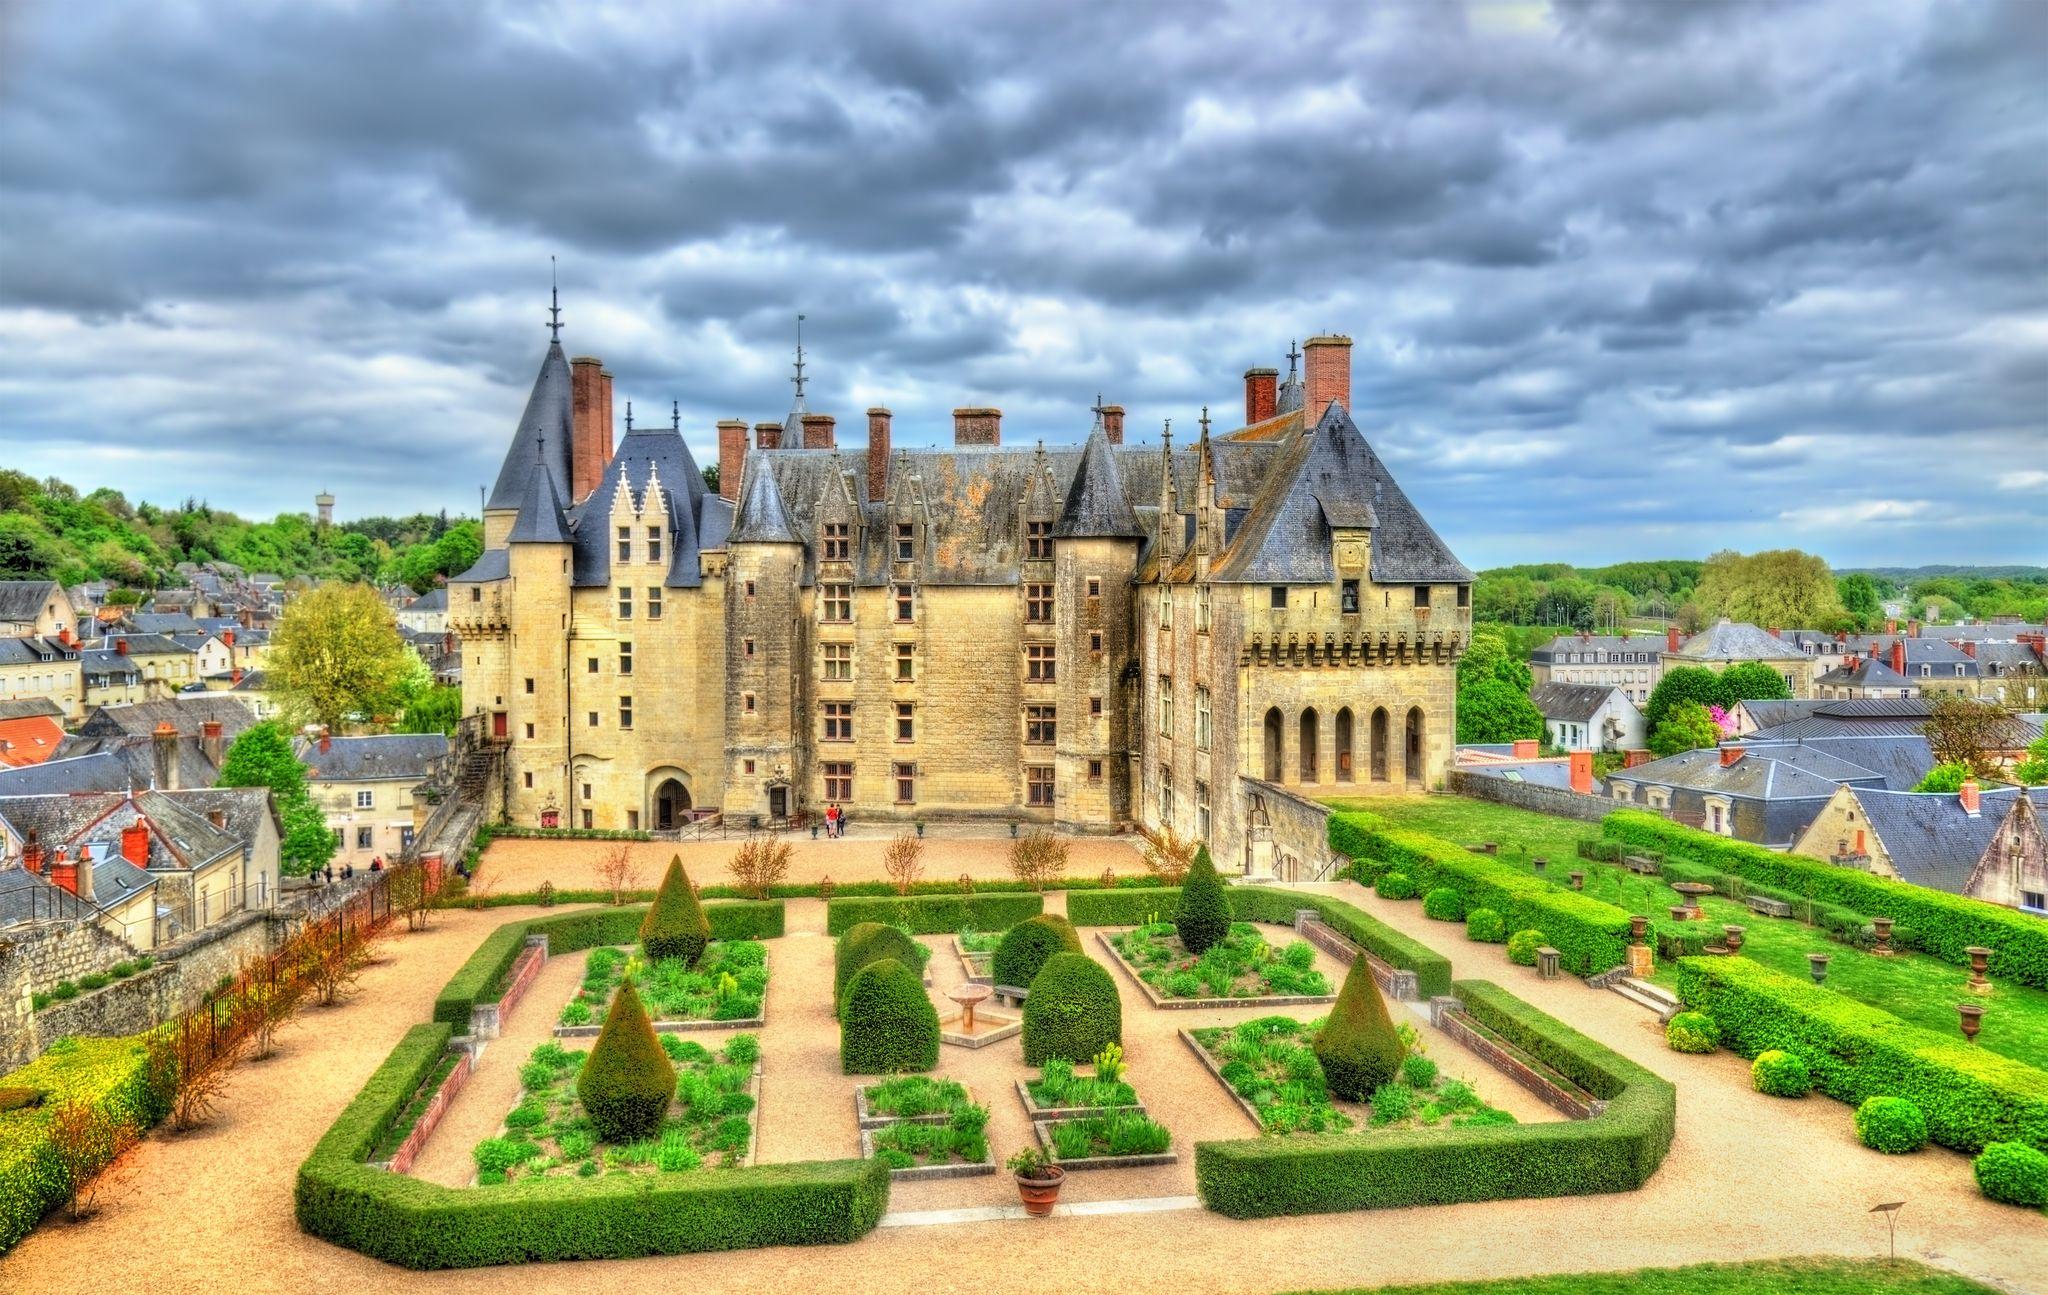 Κάστρο του Λανζαί, Λανζαί, Αντρ-ε-Λουάρ, Γαλλία